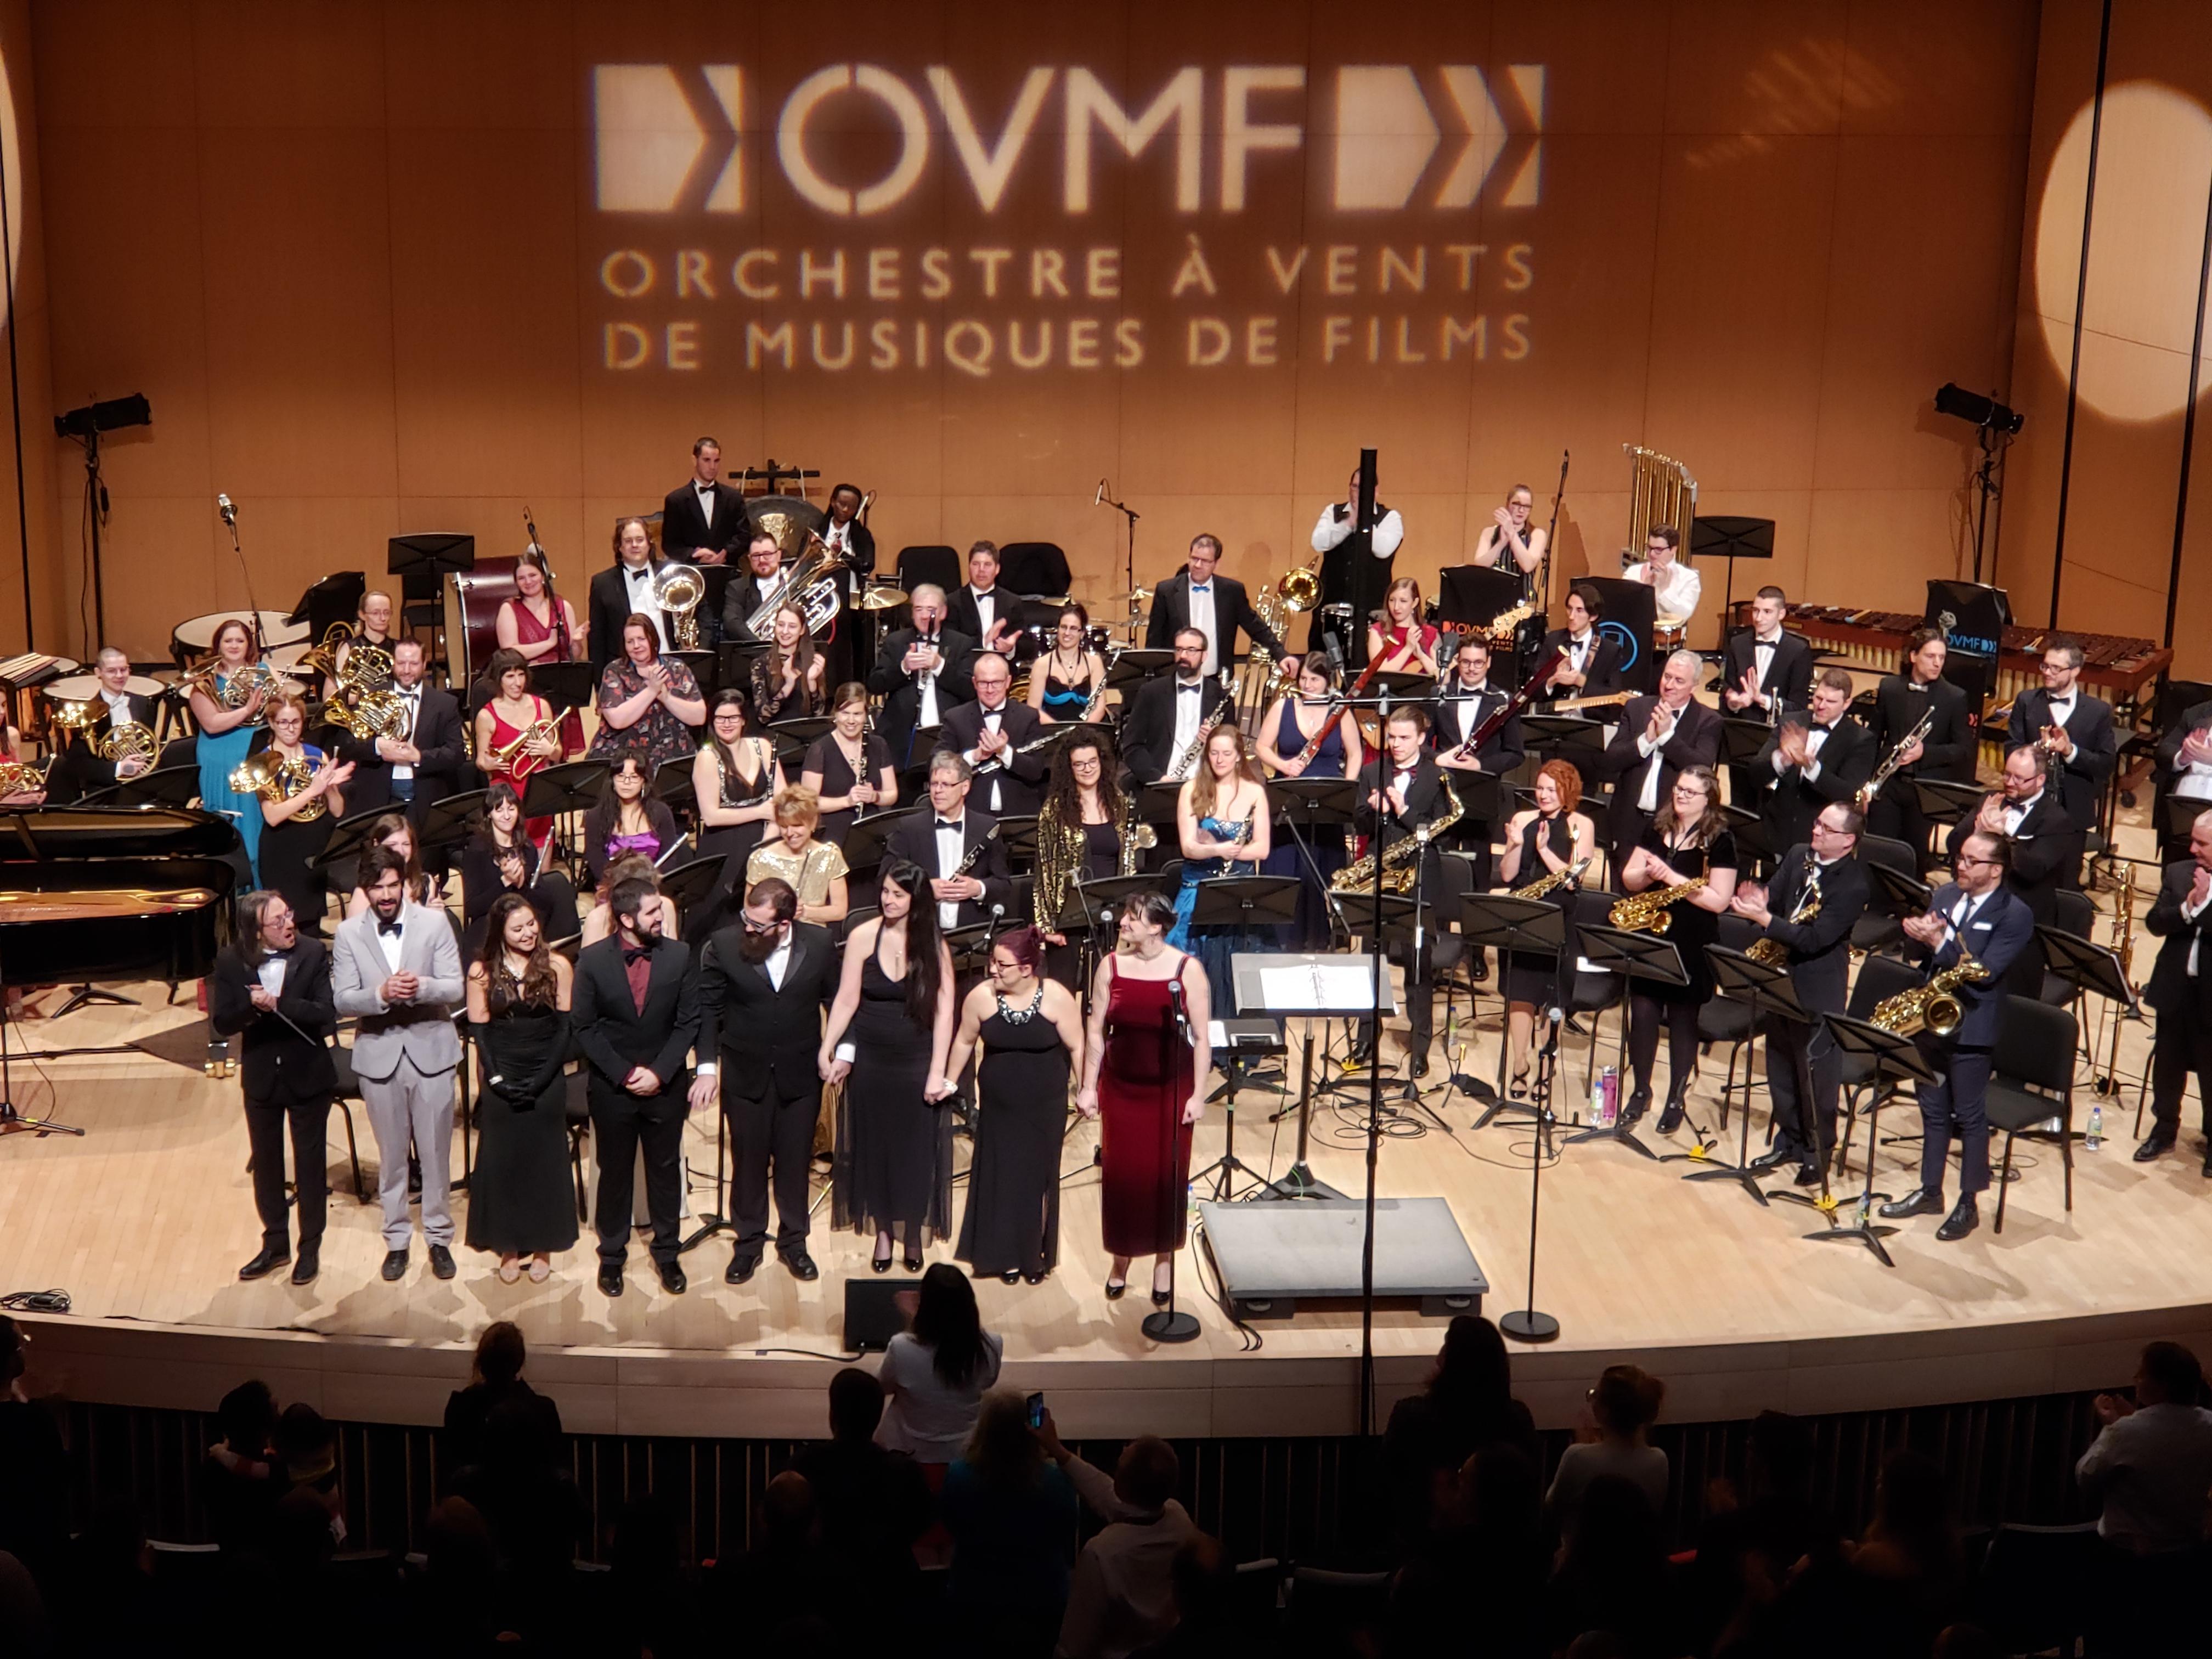 Les spectateurs ont longuement applaudi l'orchestre et les solistes.